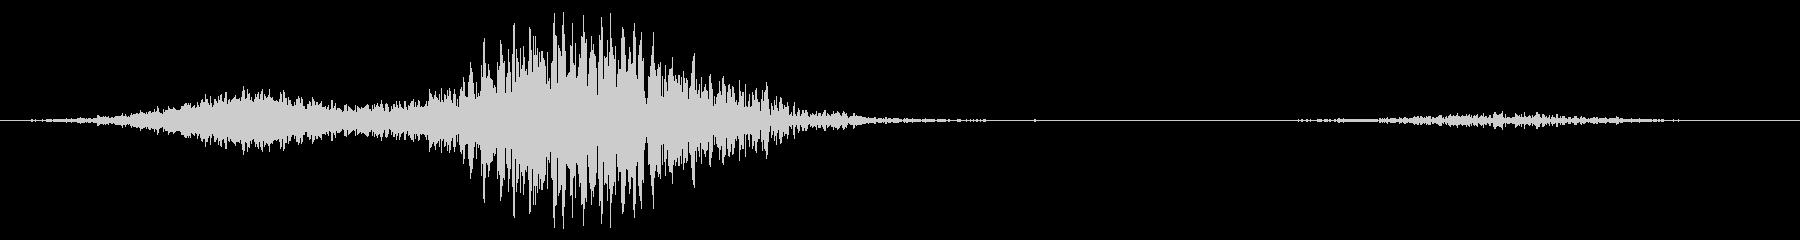 風と空気のうなり音の変化と脈動の未再生の波形